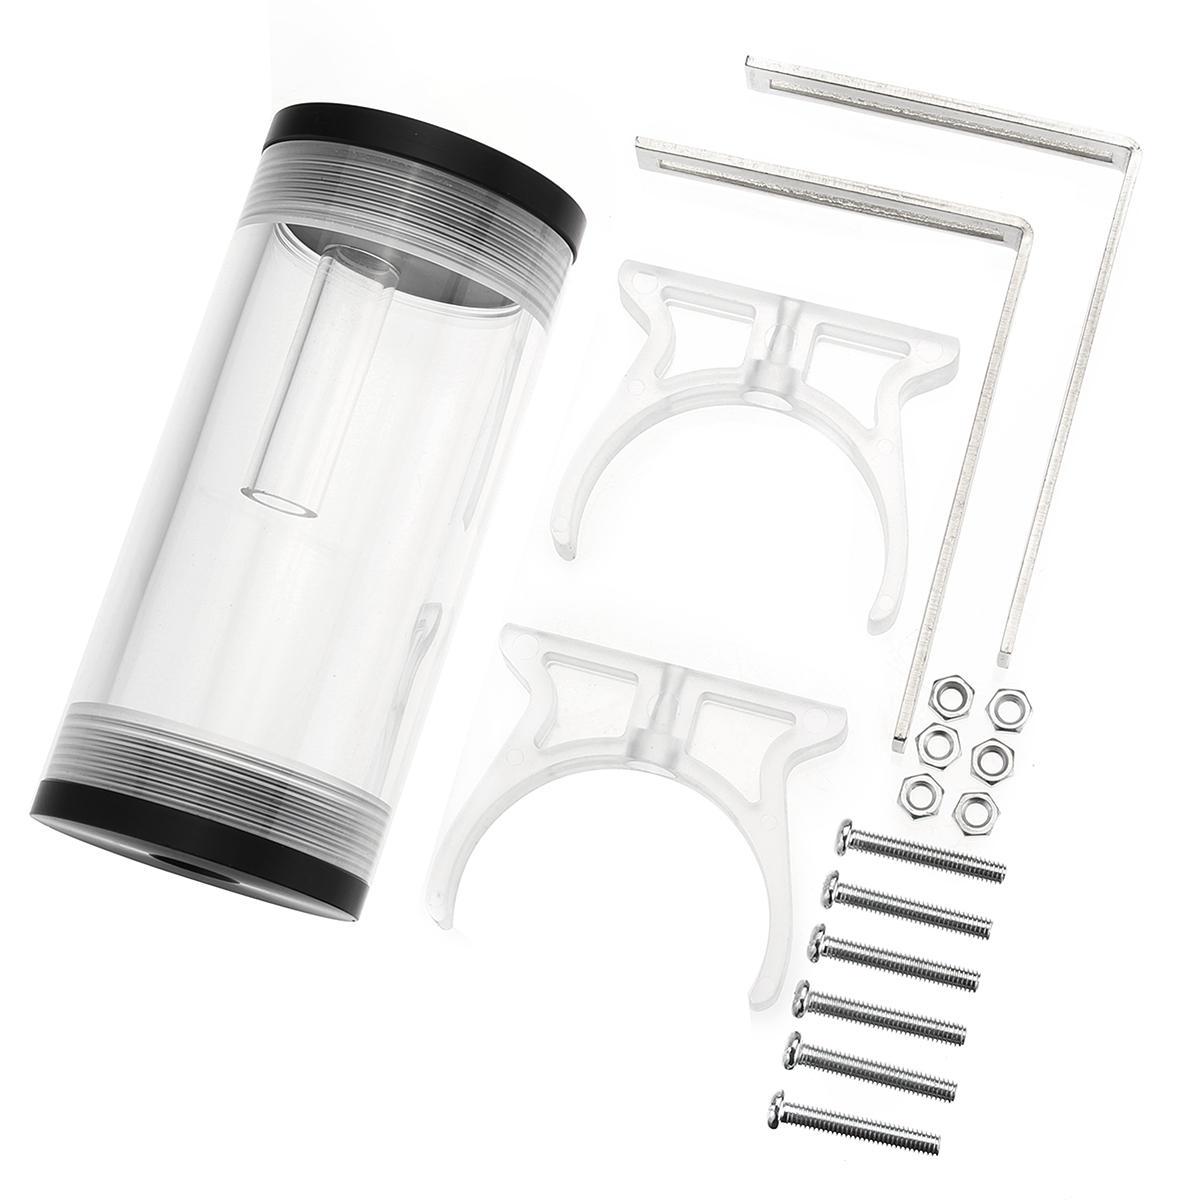 G1/4 serbatoio di raffreddamento ad acqua del serbatoio del cilindro 50mmx110mm per il raffreddamento del computer del PC